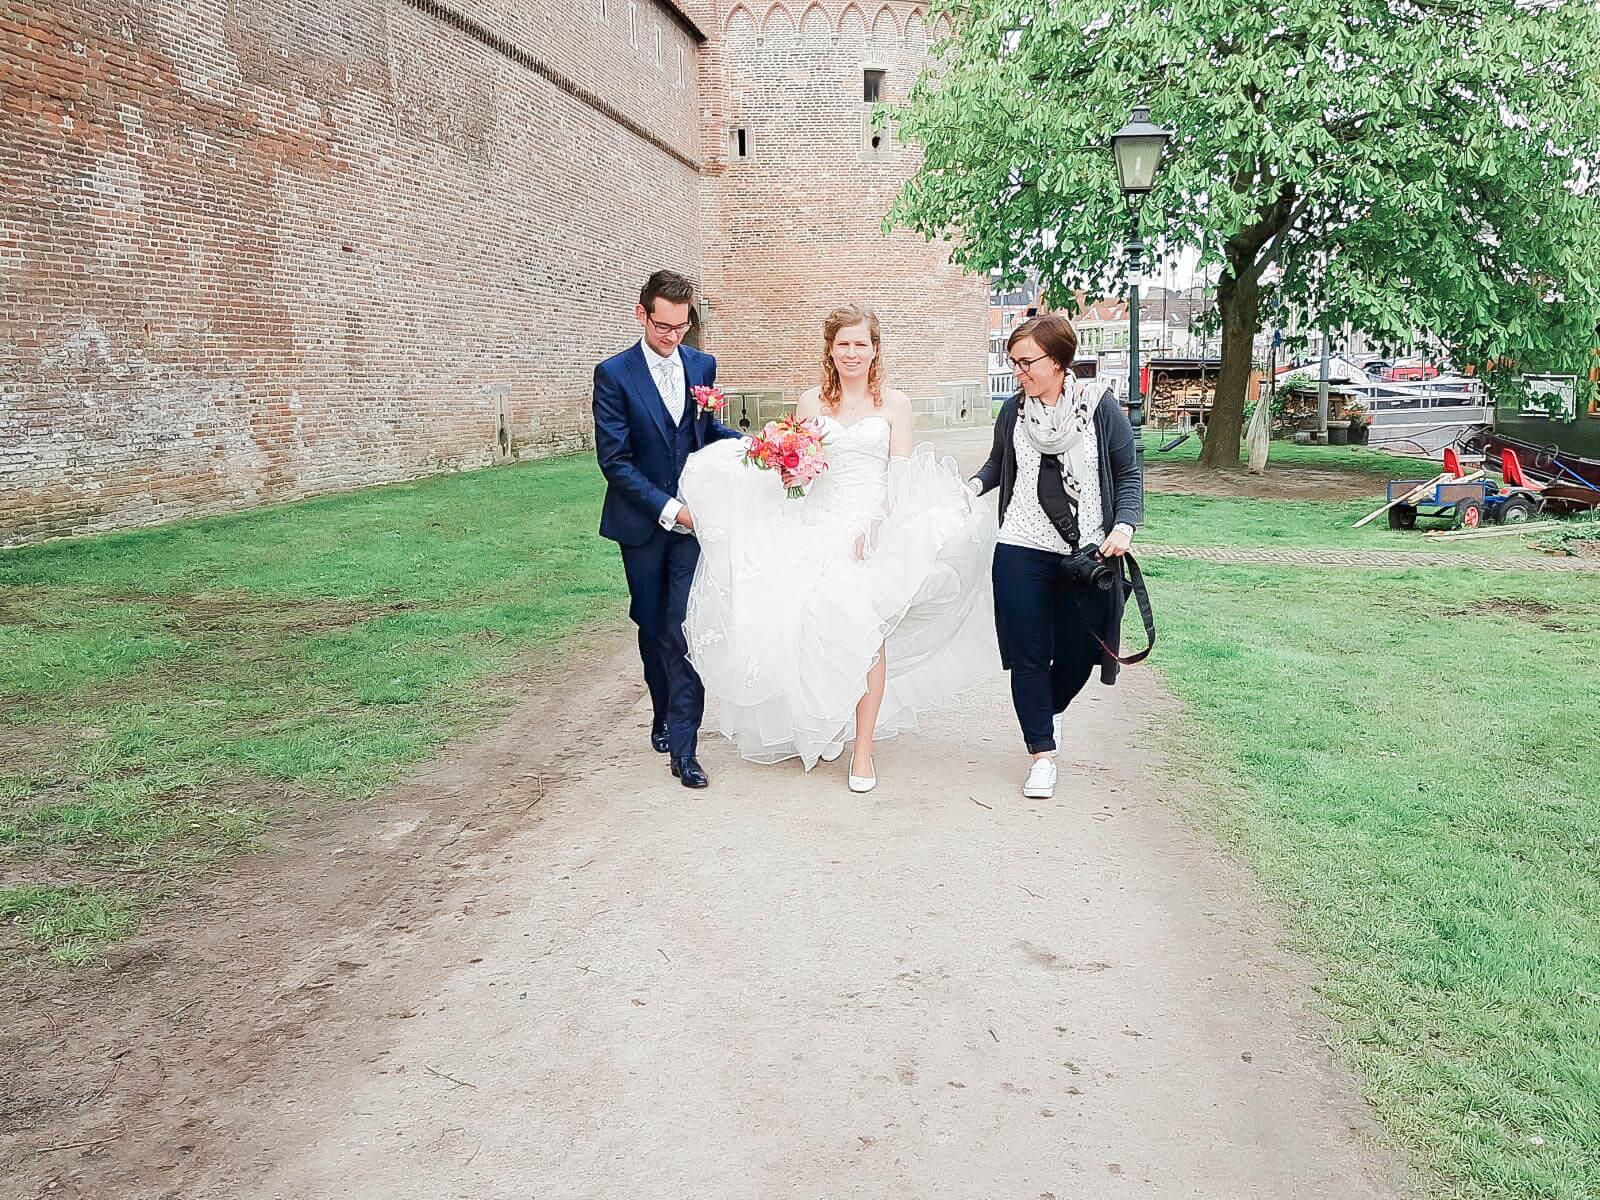 Marjolijn, Lijn 10, Bruidsfotograaf Zuidhorn, Bruidsfotograaf Groningen, Trouwfotograaf Zuidhorn, Trouwfotograaf Groningen